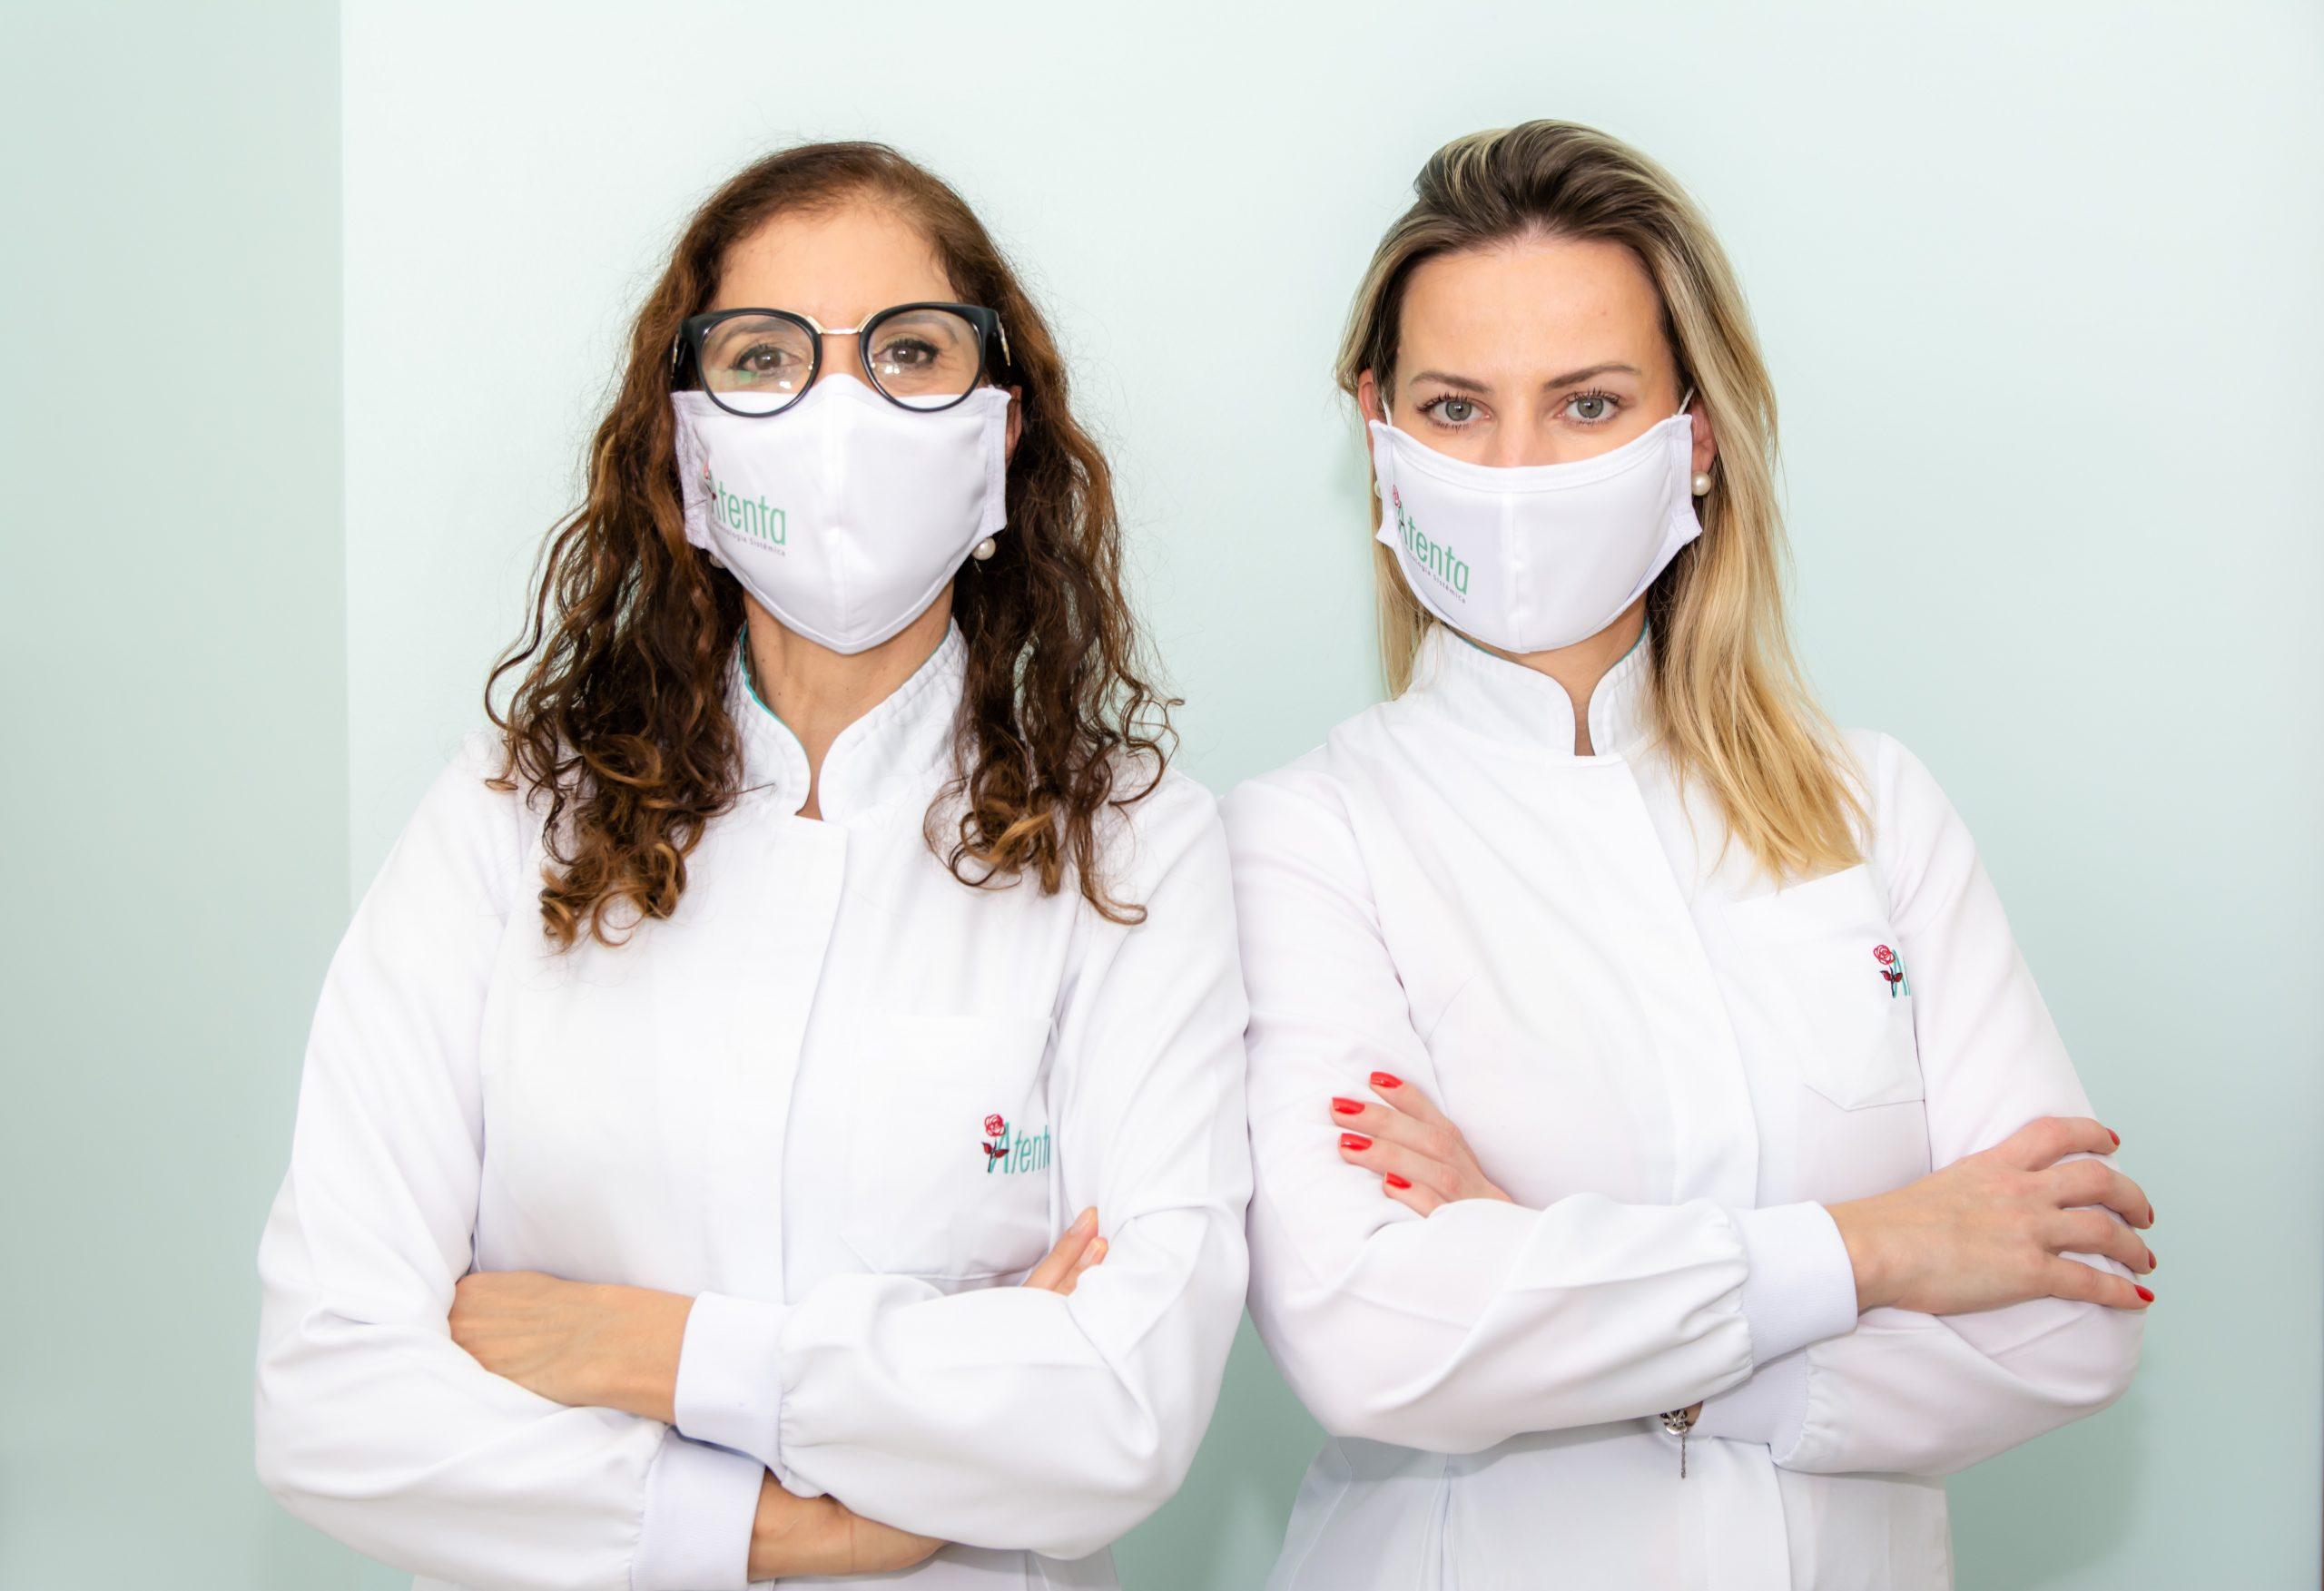 Clínica Atenta Odontologia Sistêmica - anti covid